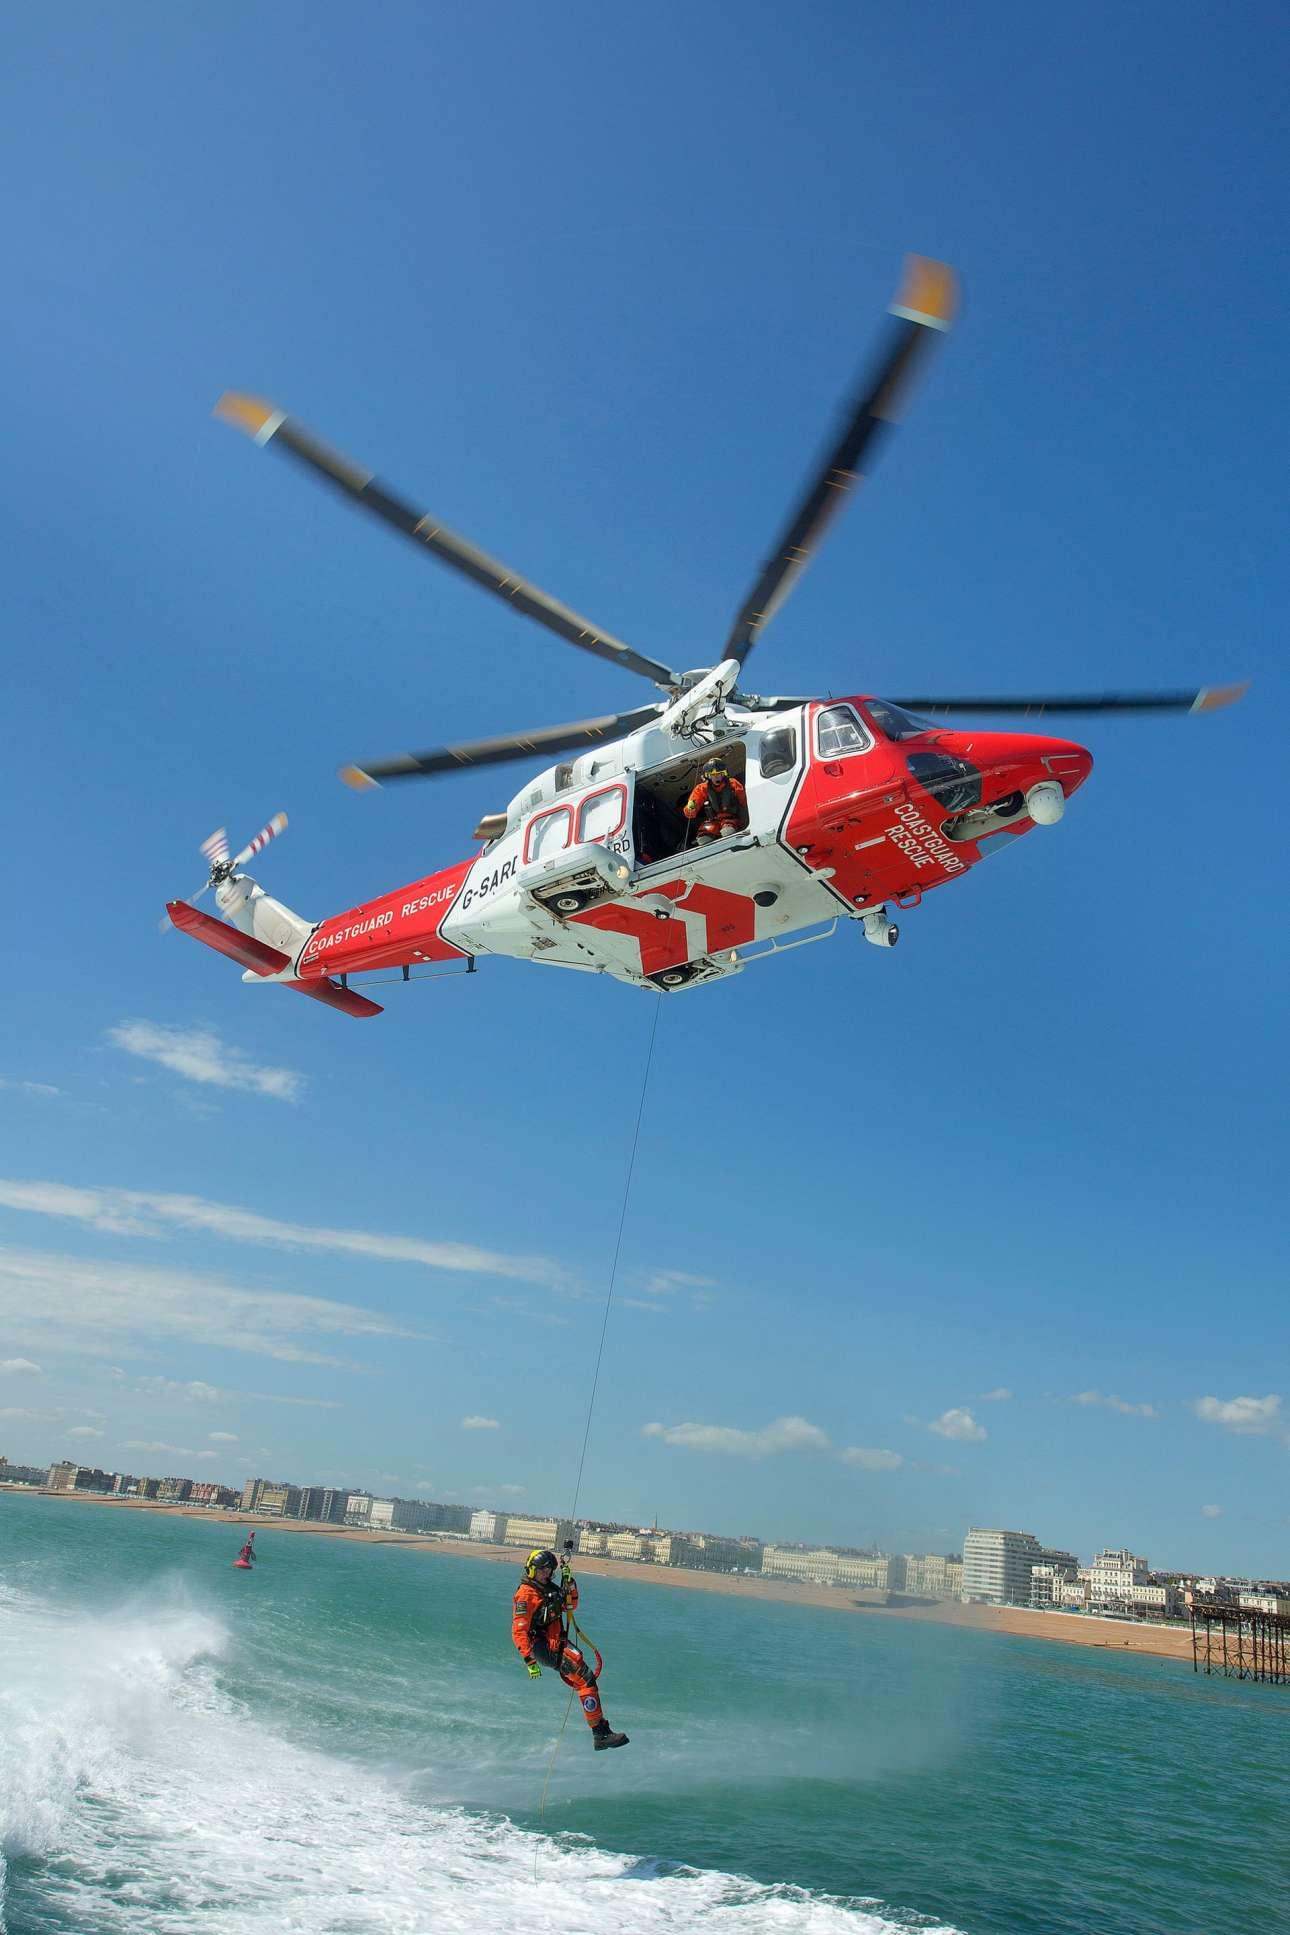 Το στιγμιότυπο από επίδειξη με διασωστικό ελικόπτερο της ακτοφύλακης στο Μπράιτον, κέρδισε το πρώτο βραβείο στην κατηγορία Αναψυχή